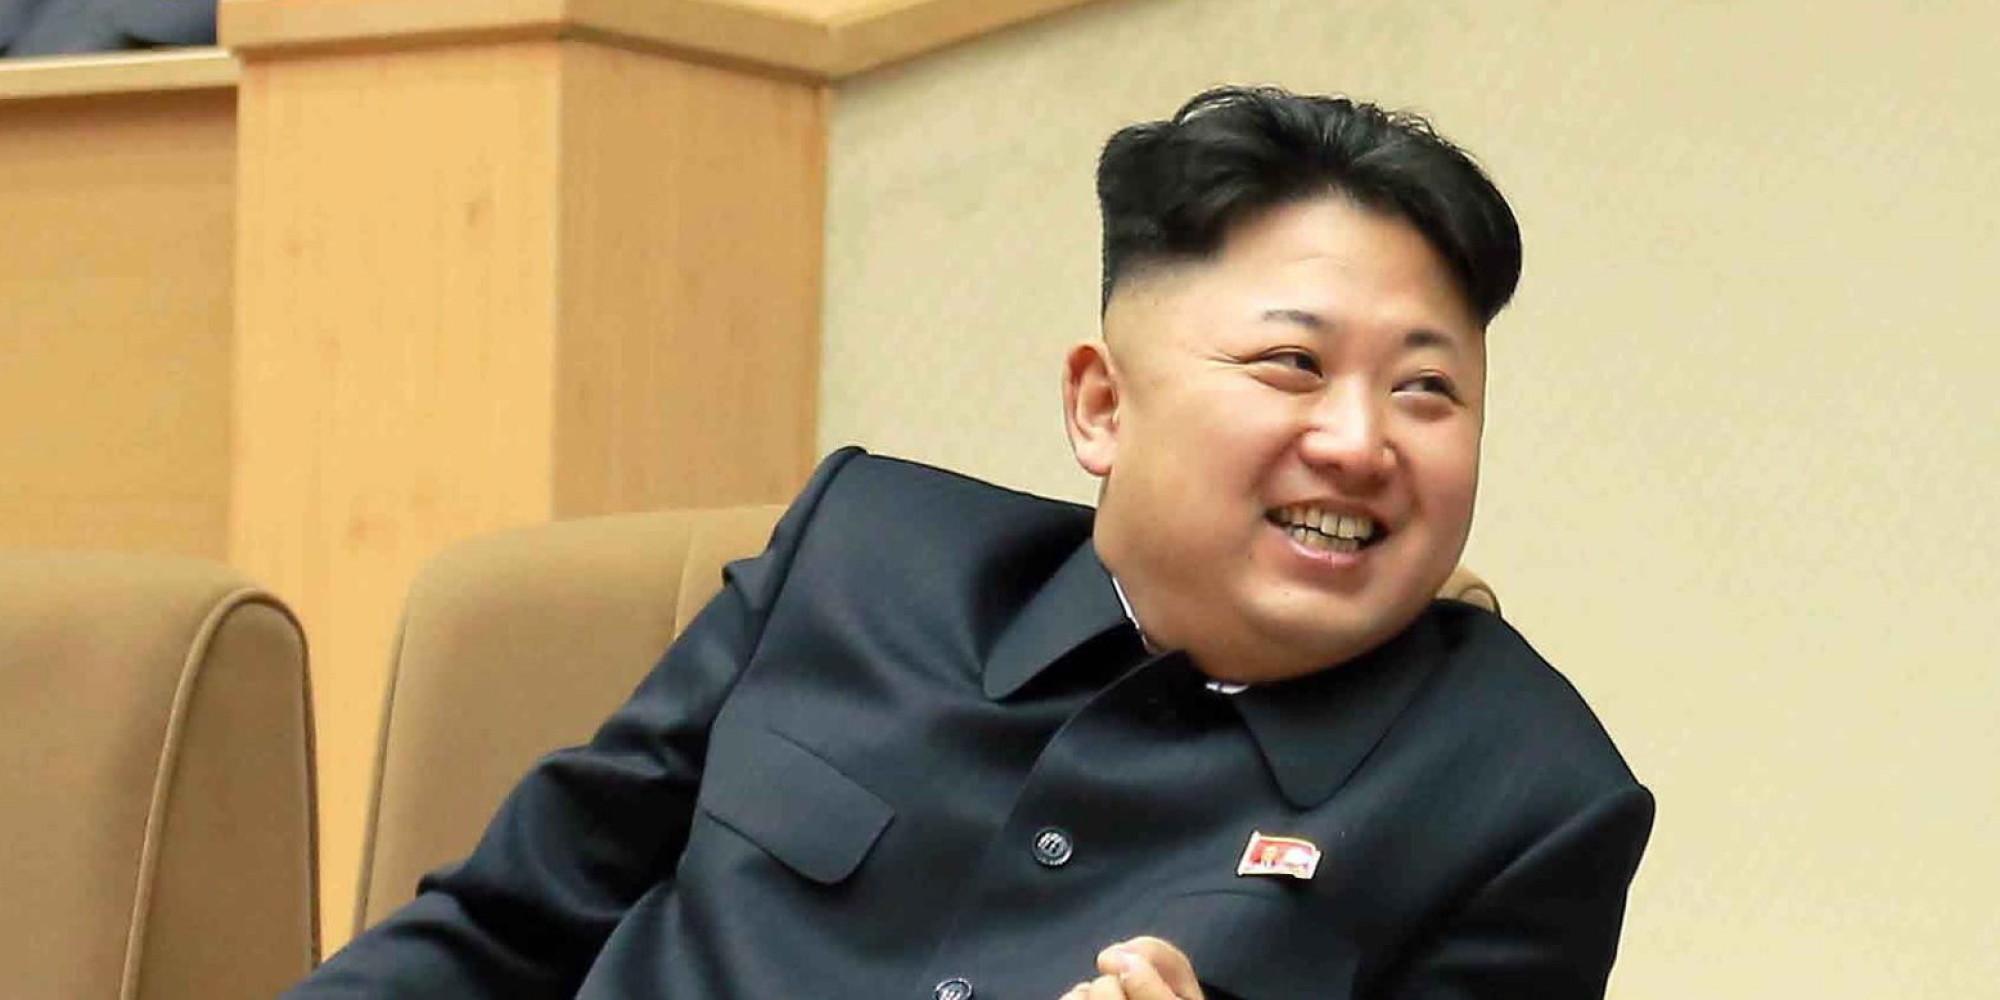 Alle Studenten in Nordkorea mssen jetzt den Haarschnitt